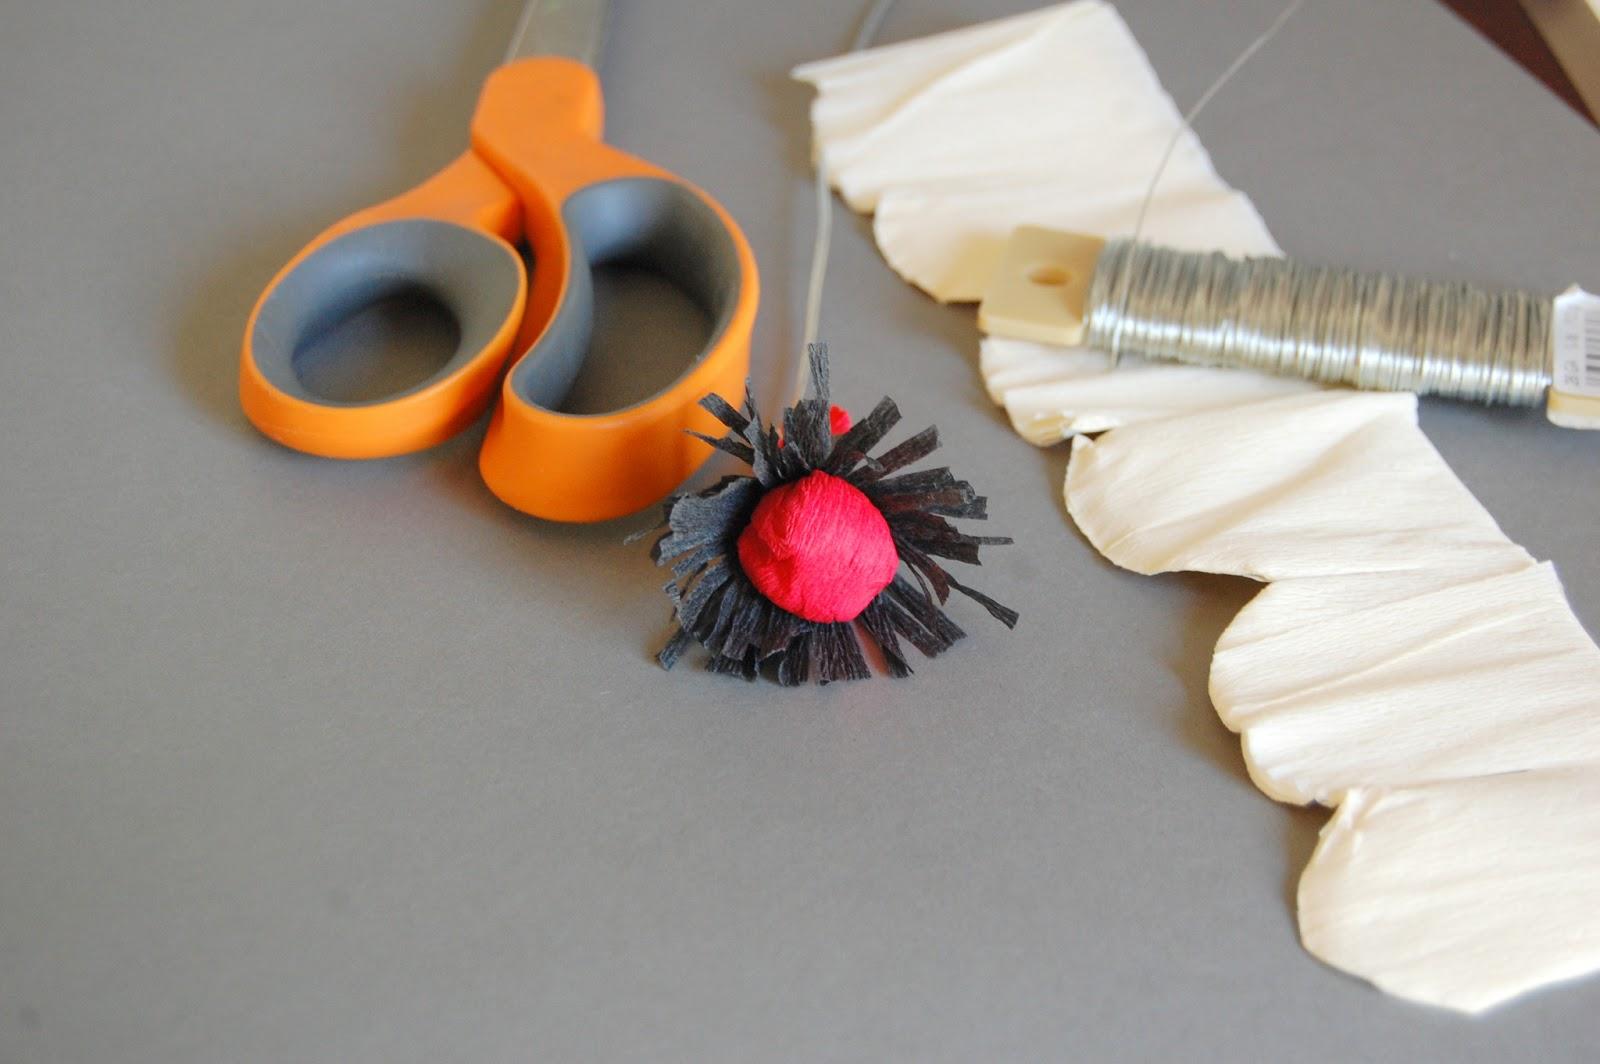 Tutorial Whimsical Paper Flowers Poppy How To Make Diy Handmade